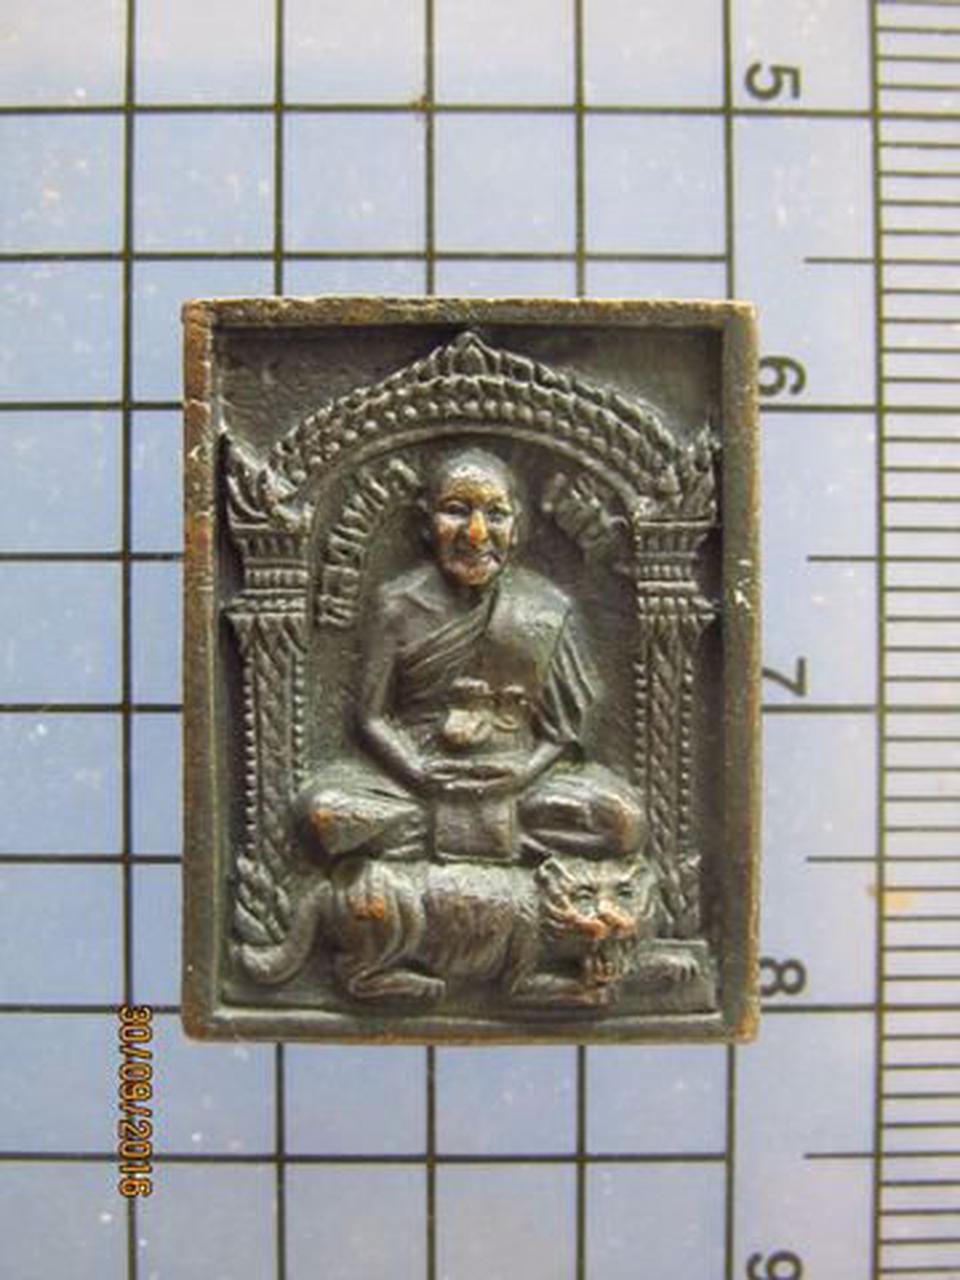 3962 เหรียญหล่อหลวงพ่อเปิ่น วัดบางพระ รุ่น บก.ภ.3 ปี 2535 จ. รูปที่ 5